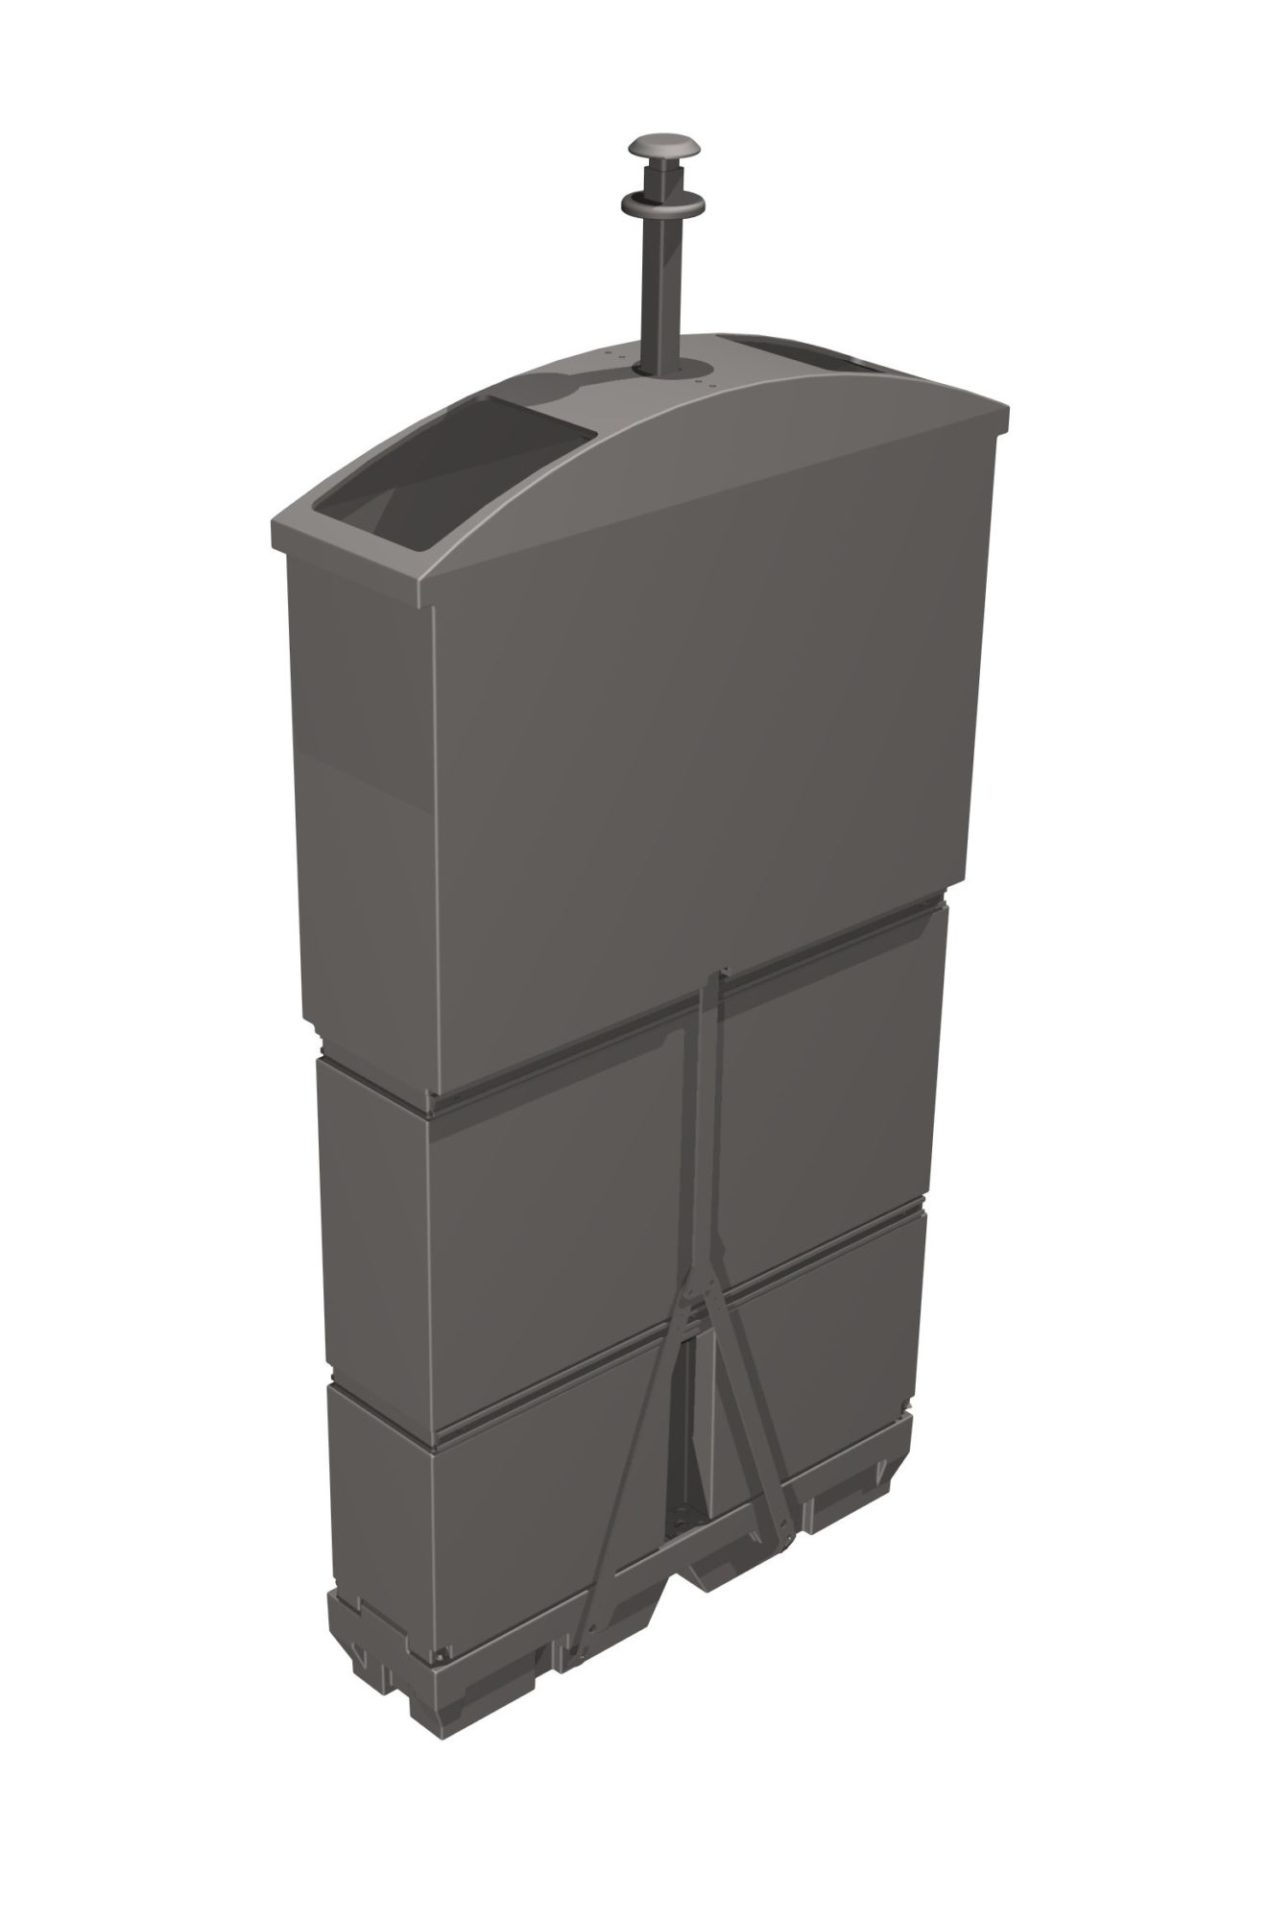 cuve pour déchets verts 1000 litres